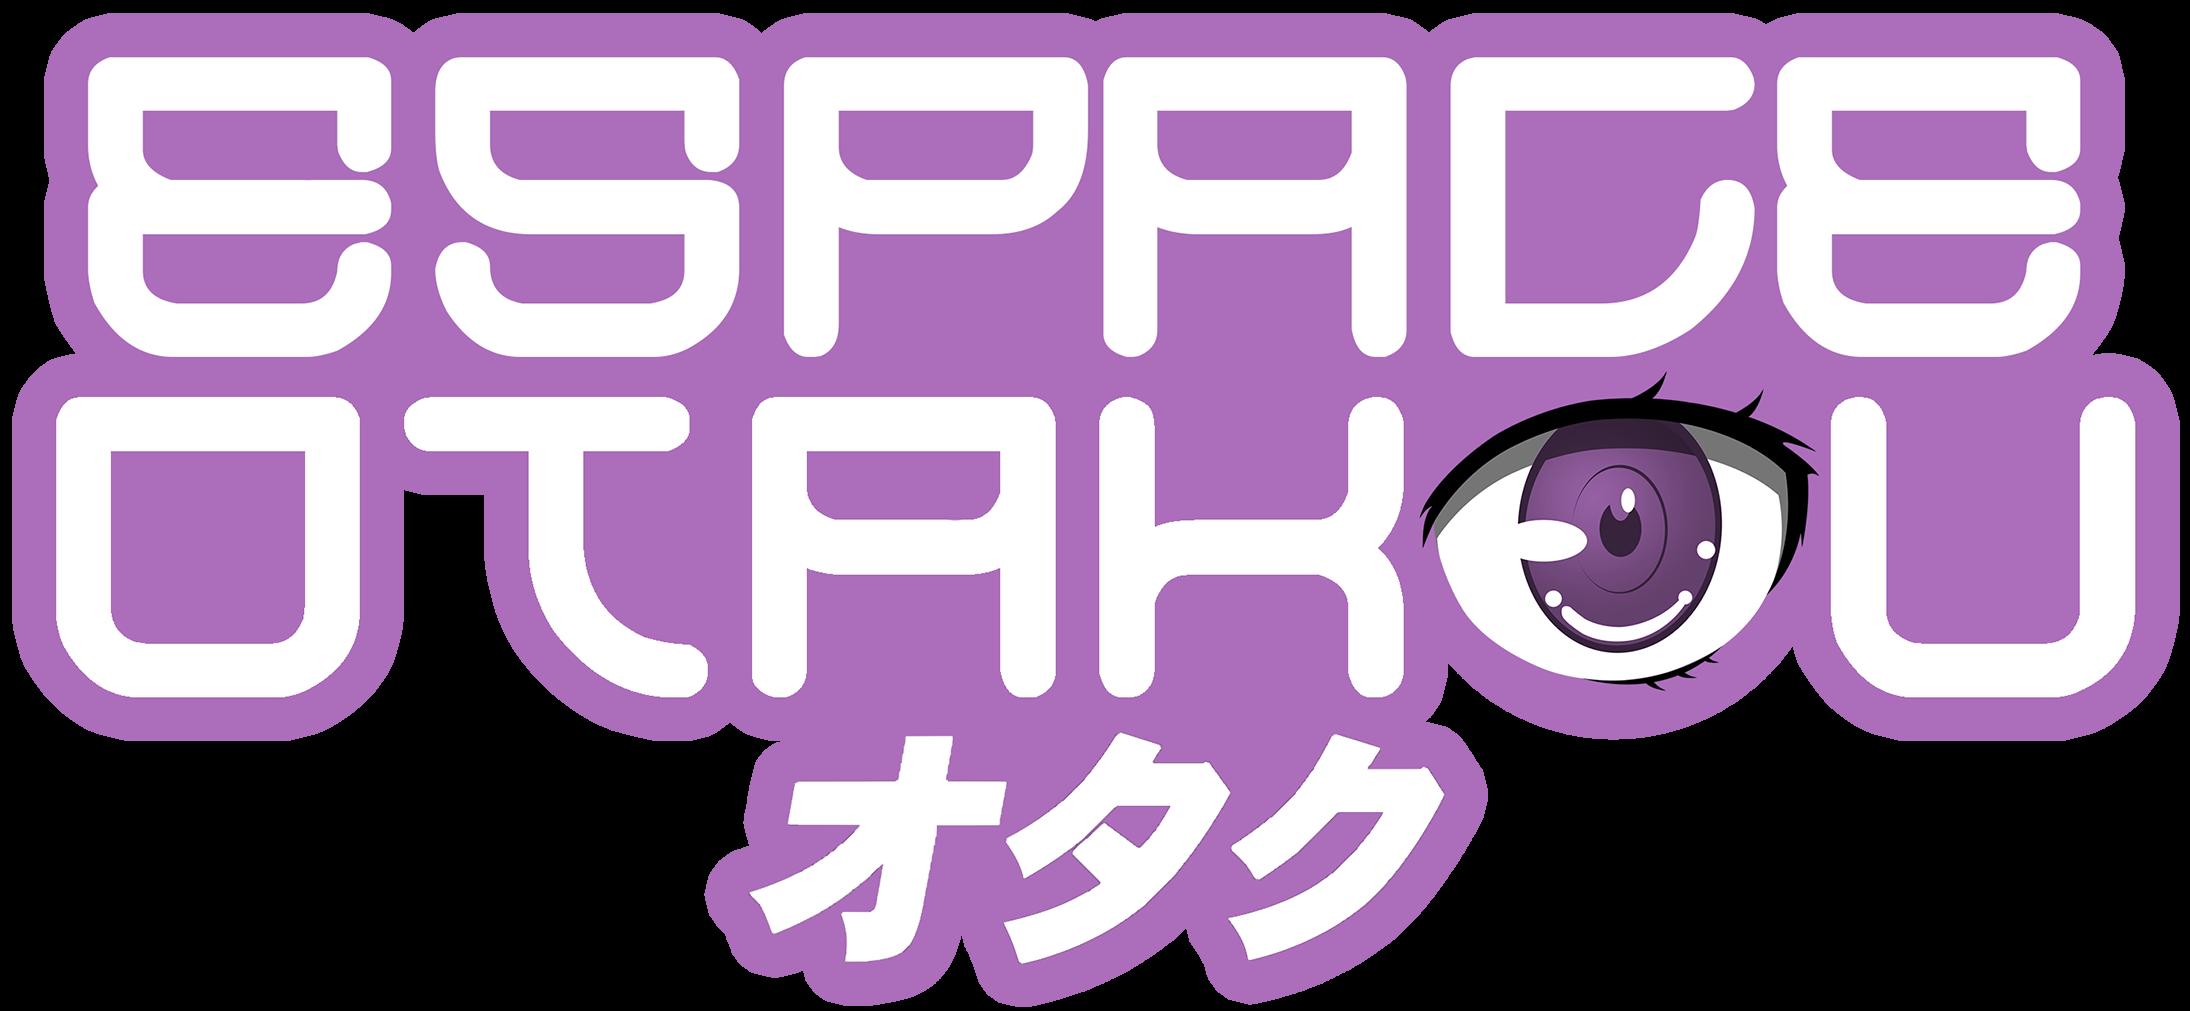 Association Espace Otakou: Maison de vie – Initiation BD -lecture – ateliers